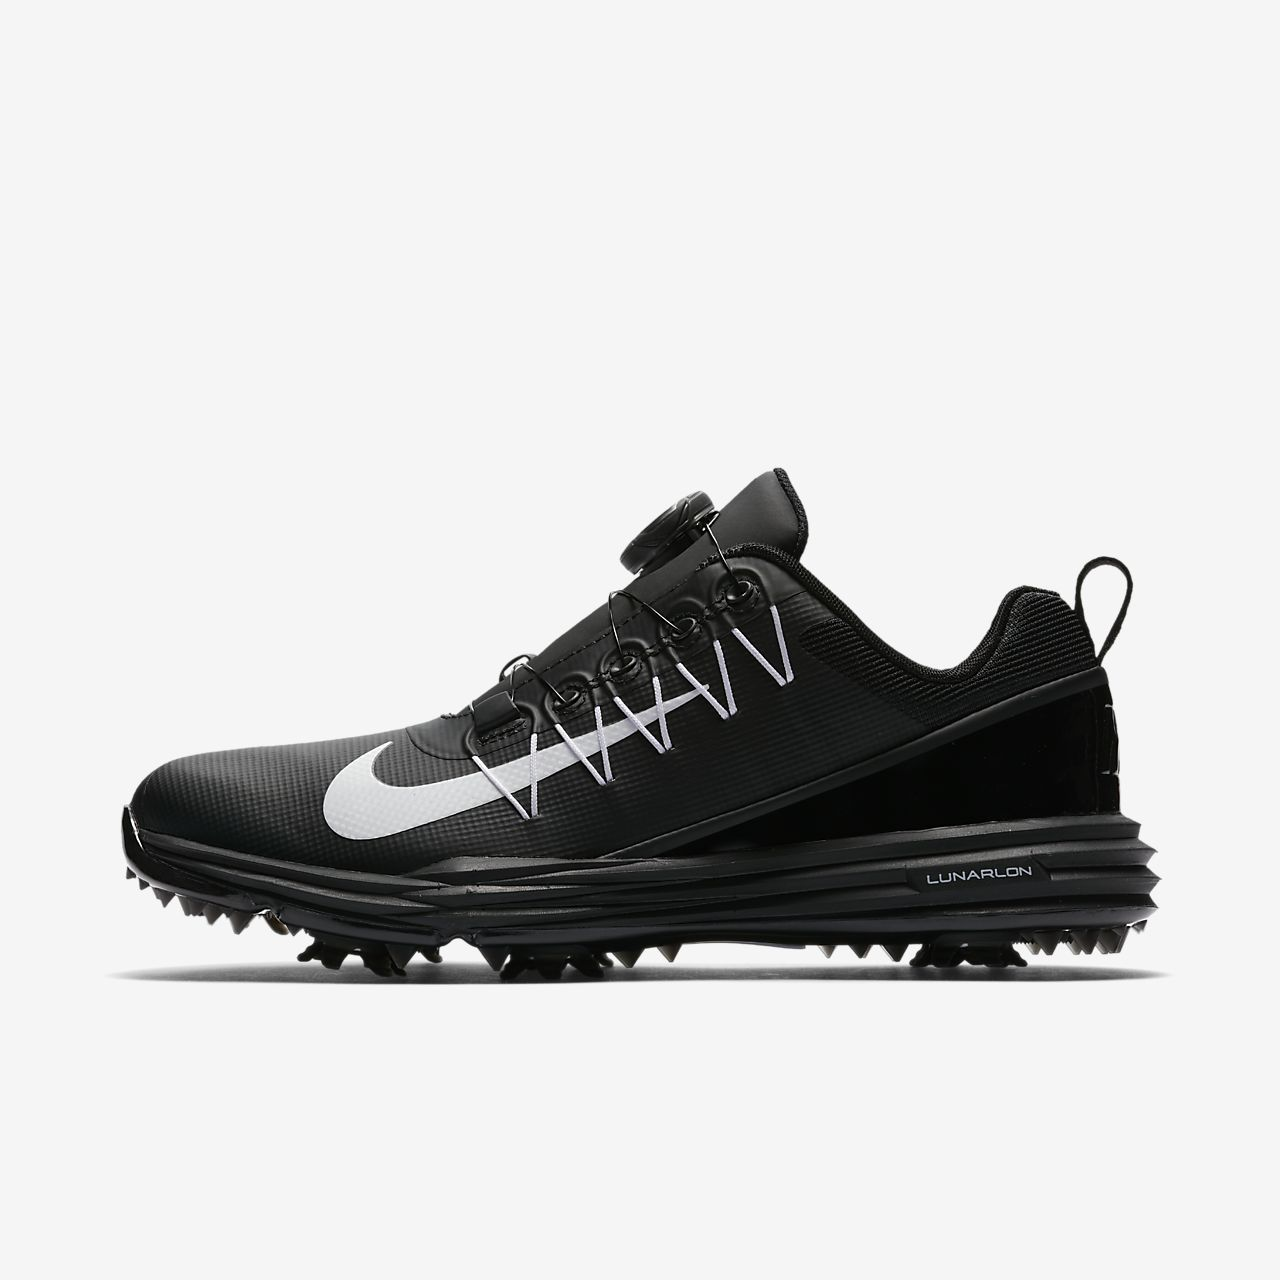 Nike Performance LUNAR COMMAND 2 BOA - Chaussures de golf noir LYRII2ehXR